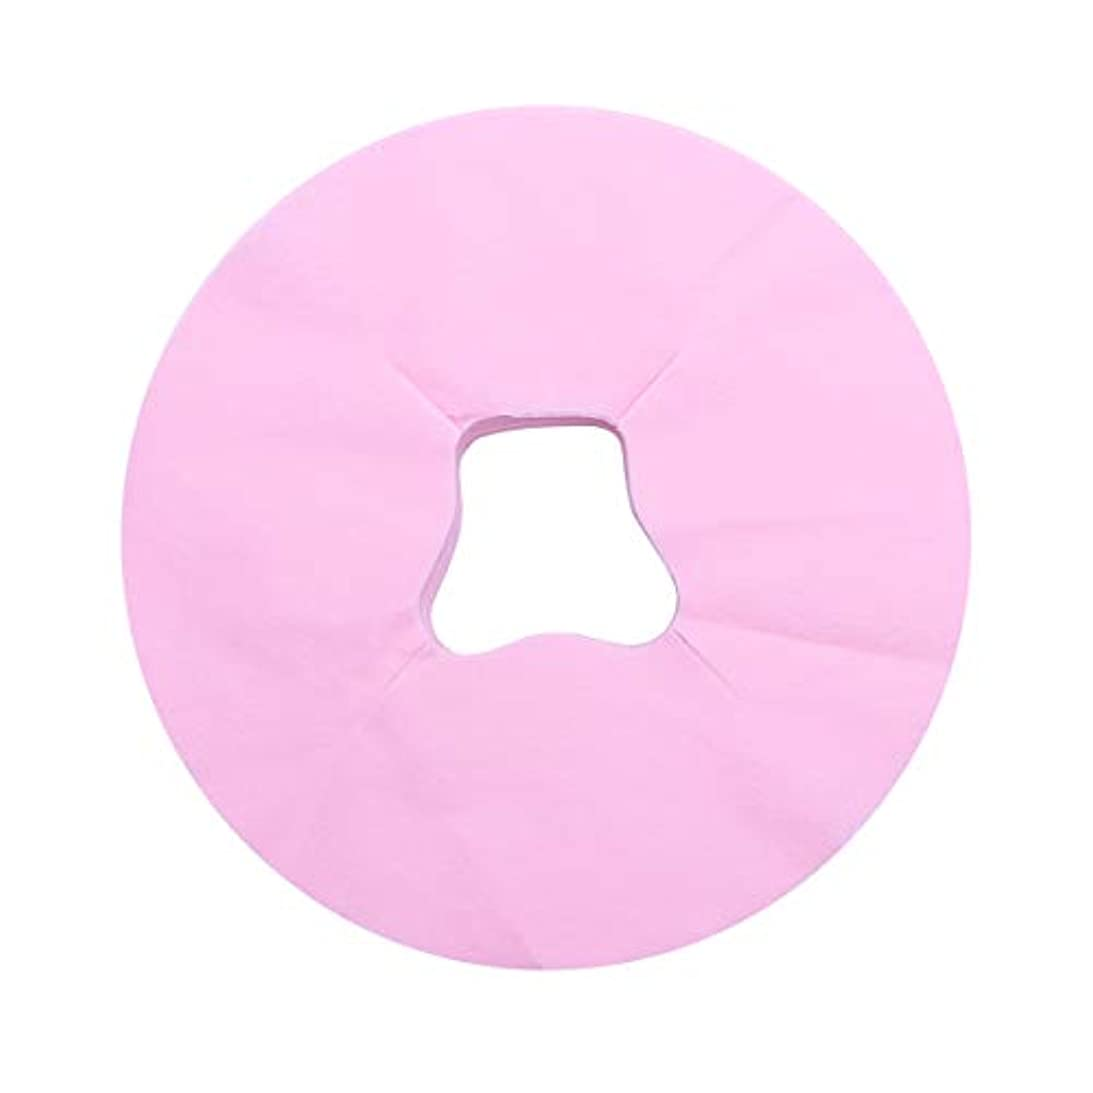 アナリスト個人秋Healifty 100ピース使い捨てフェイスマッサージカバーパッドフェイスホールピロークッションマットサロンスパフェイシャルベッドヘッドレスト枕シート(ピンク)